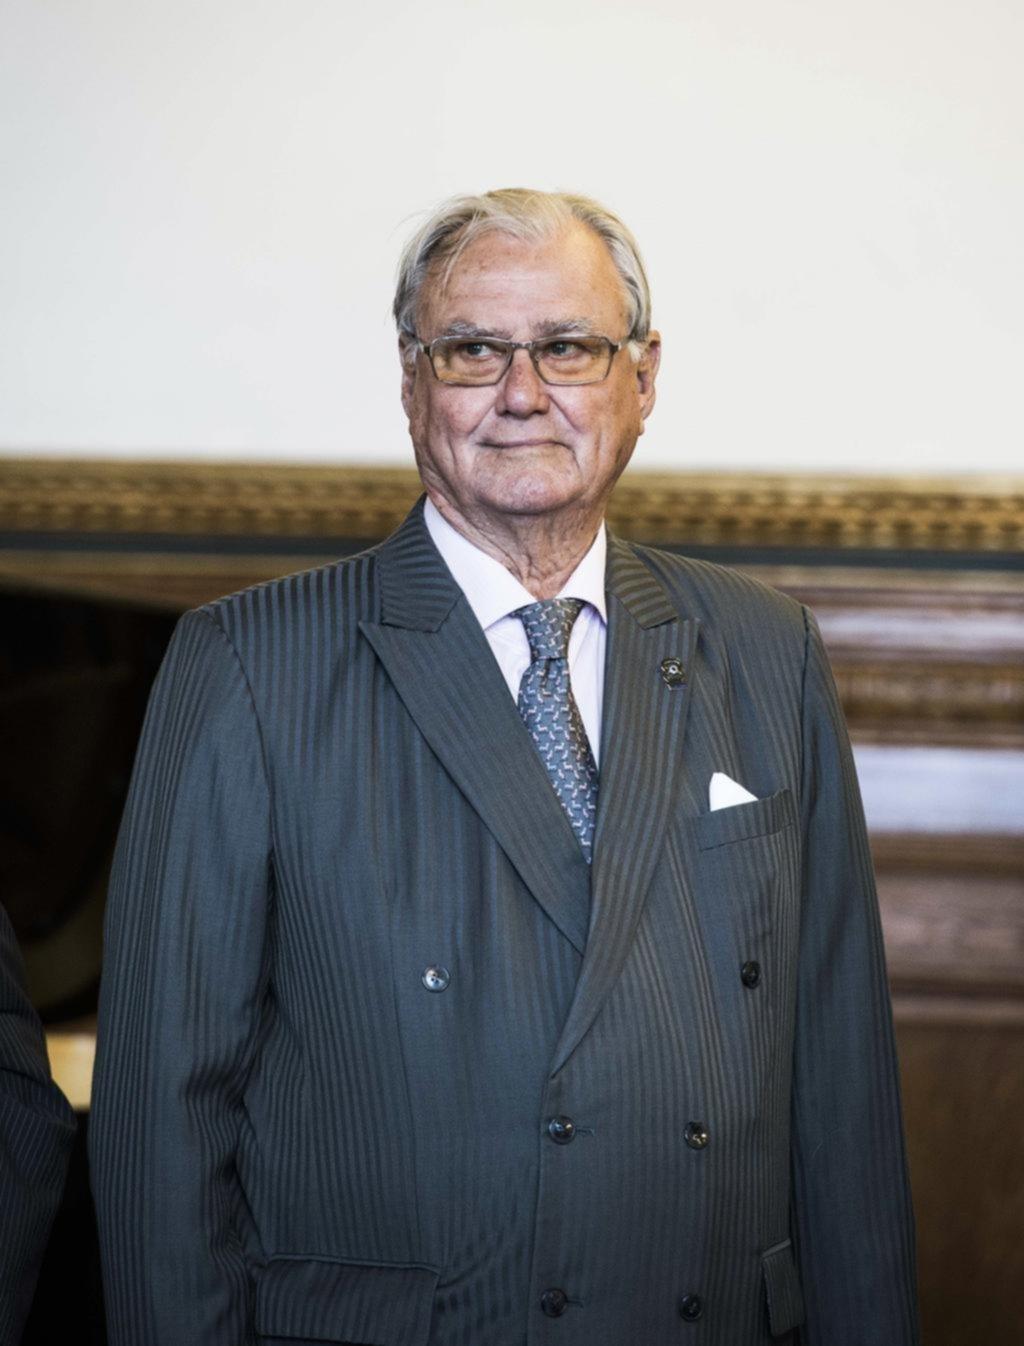 A los 83 años murió el príncipe Enrique, esposo de la reina de Dinamarca